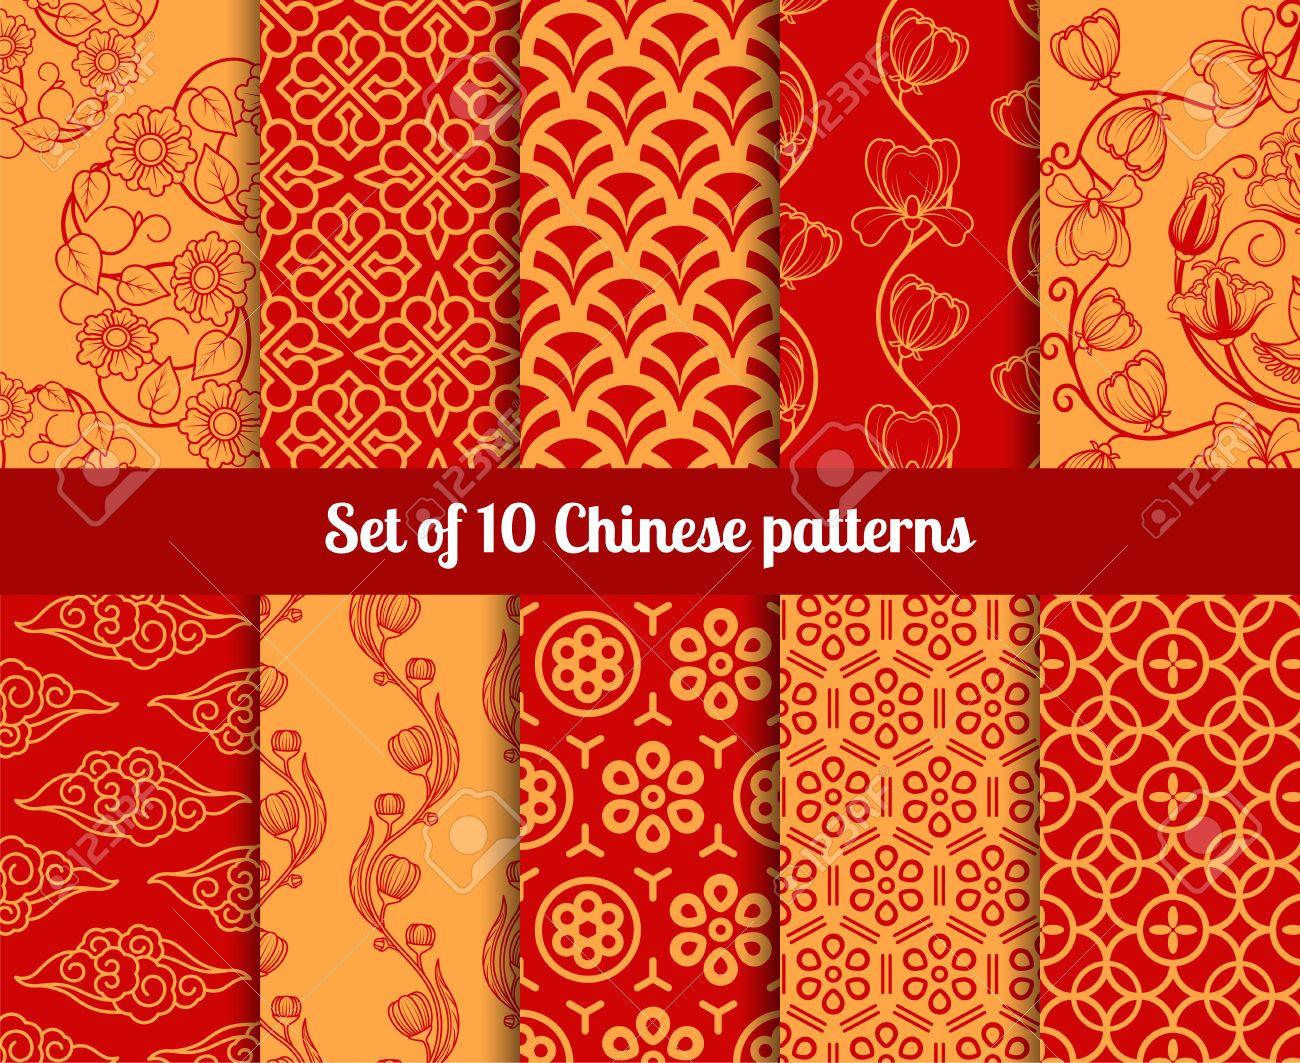 中国のシームレスなパターン 壁紙のための無限のテクスチャのイラスト素材 ベクタ Image